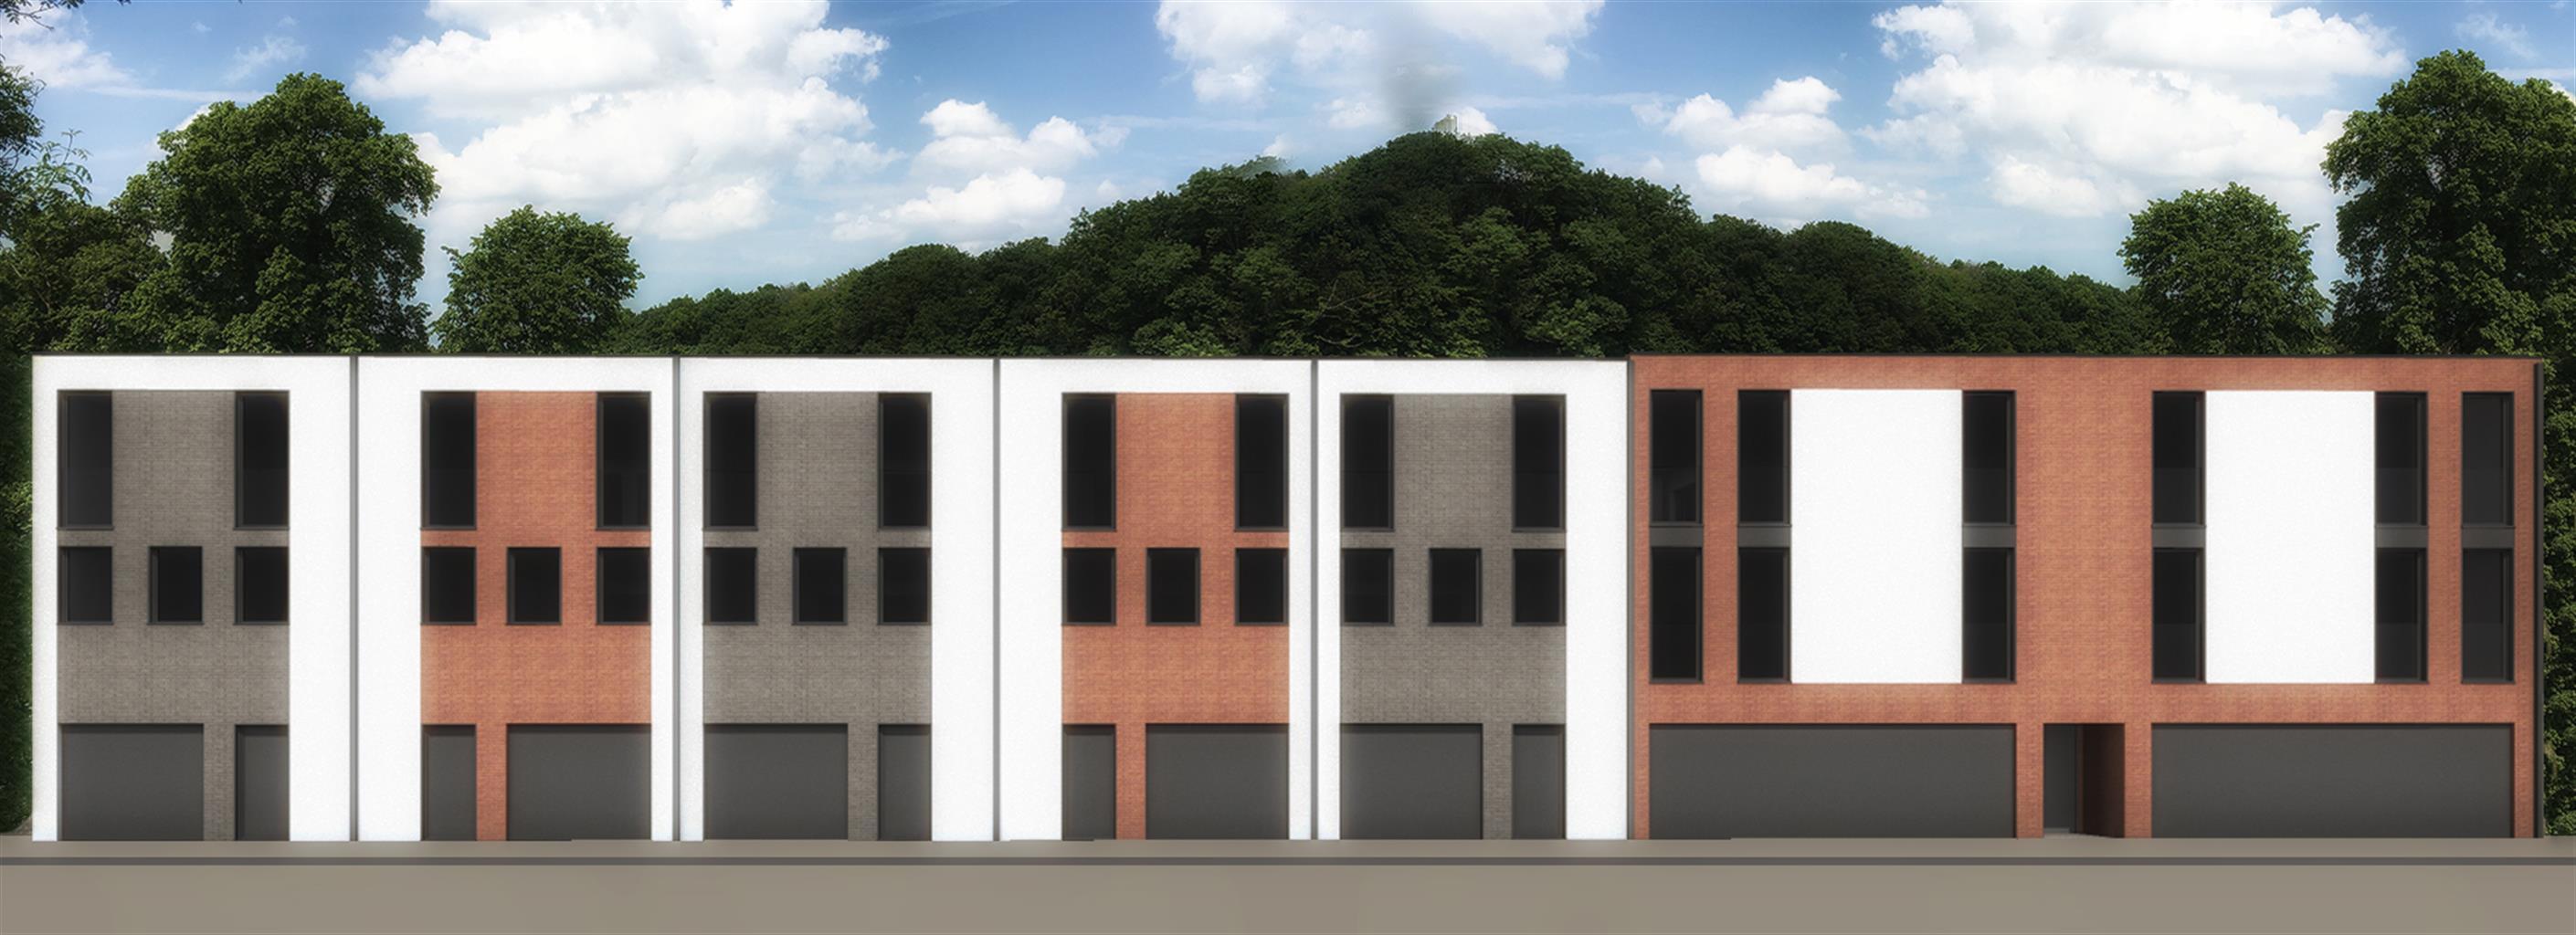 Terrain à bâtir (projets) - Liège Jupille-sur-Meuse - #4447739-15